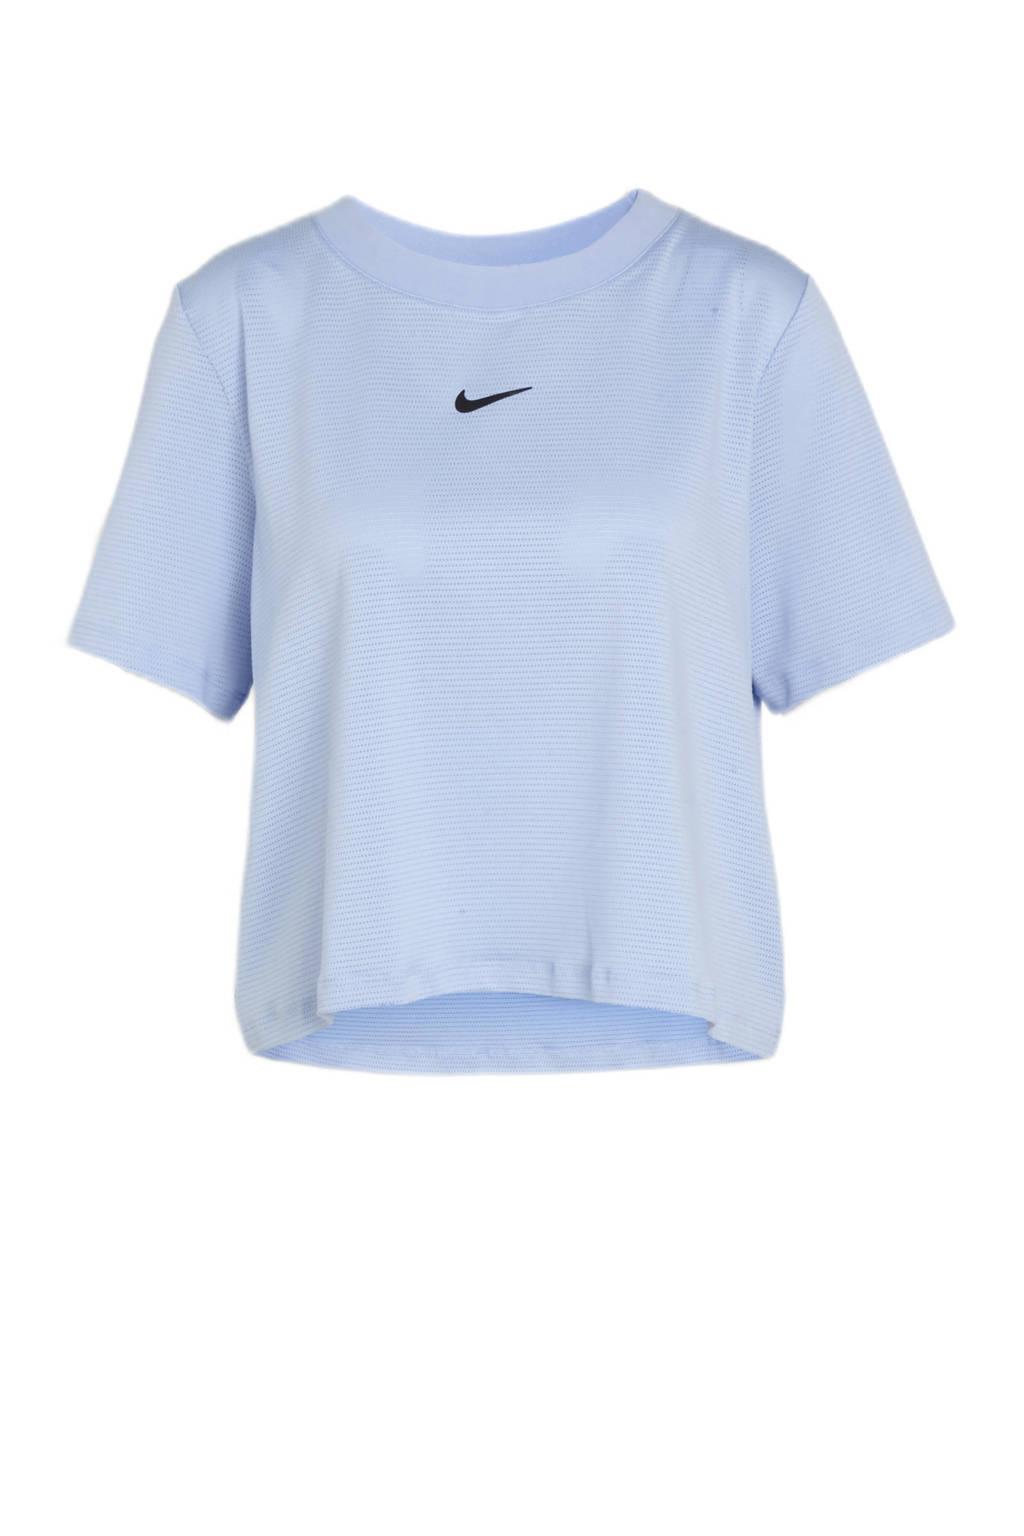 Nike sport T-shirt lichtblauw, Lichtblauw